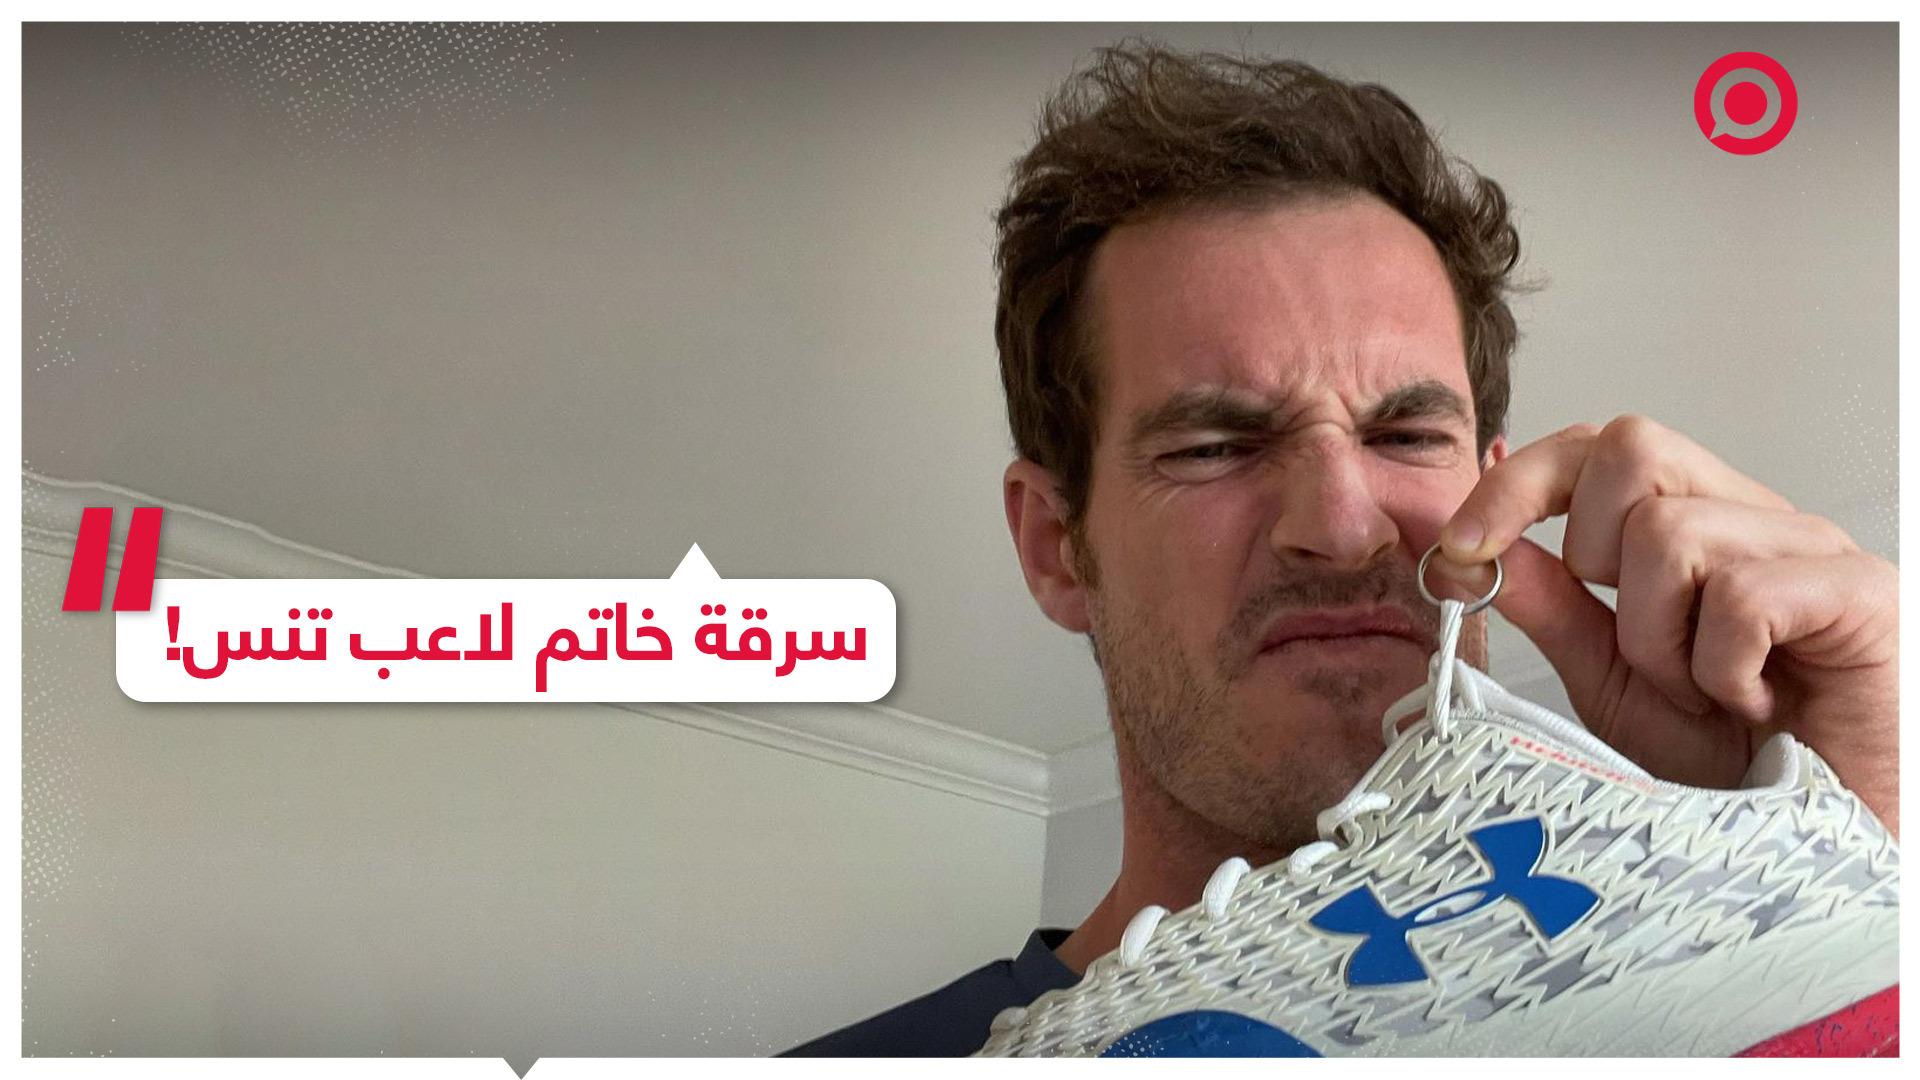 سرقة خاتم لاعب تنس شهير بسبب رائحة حذائه